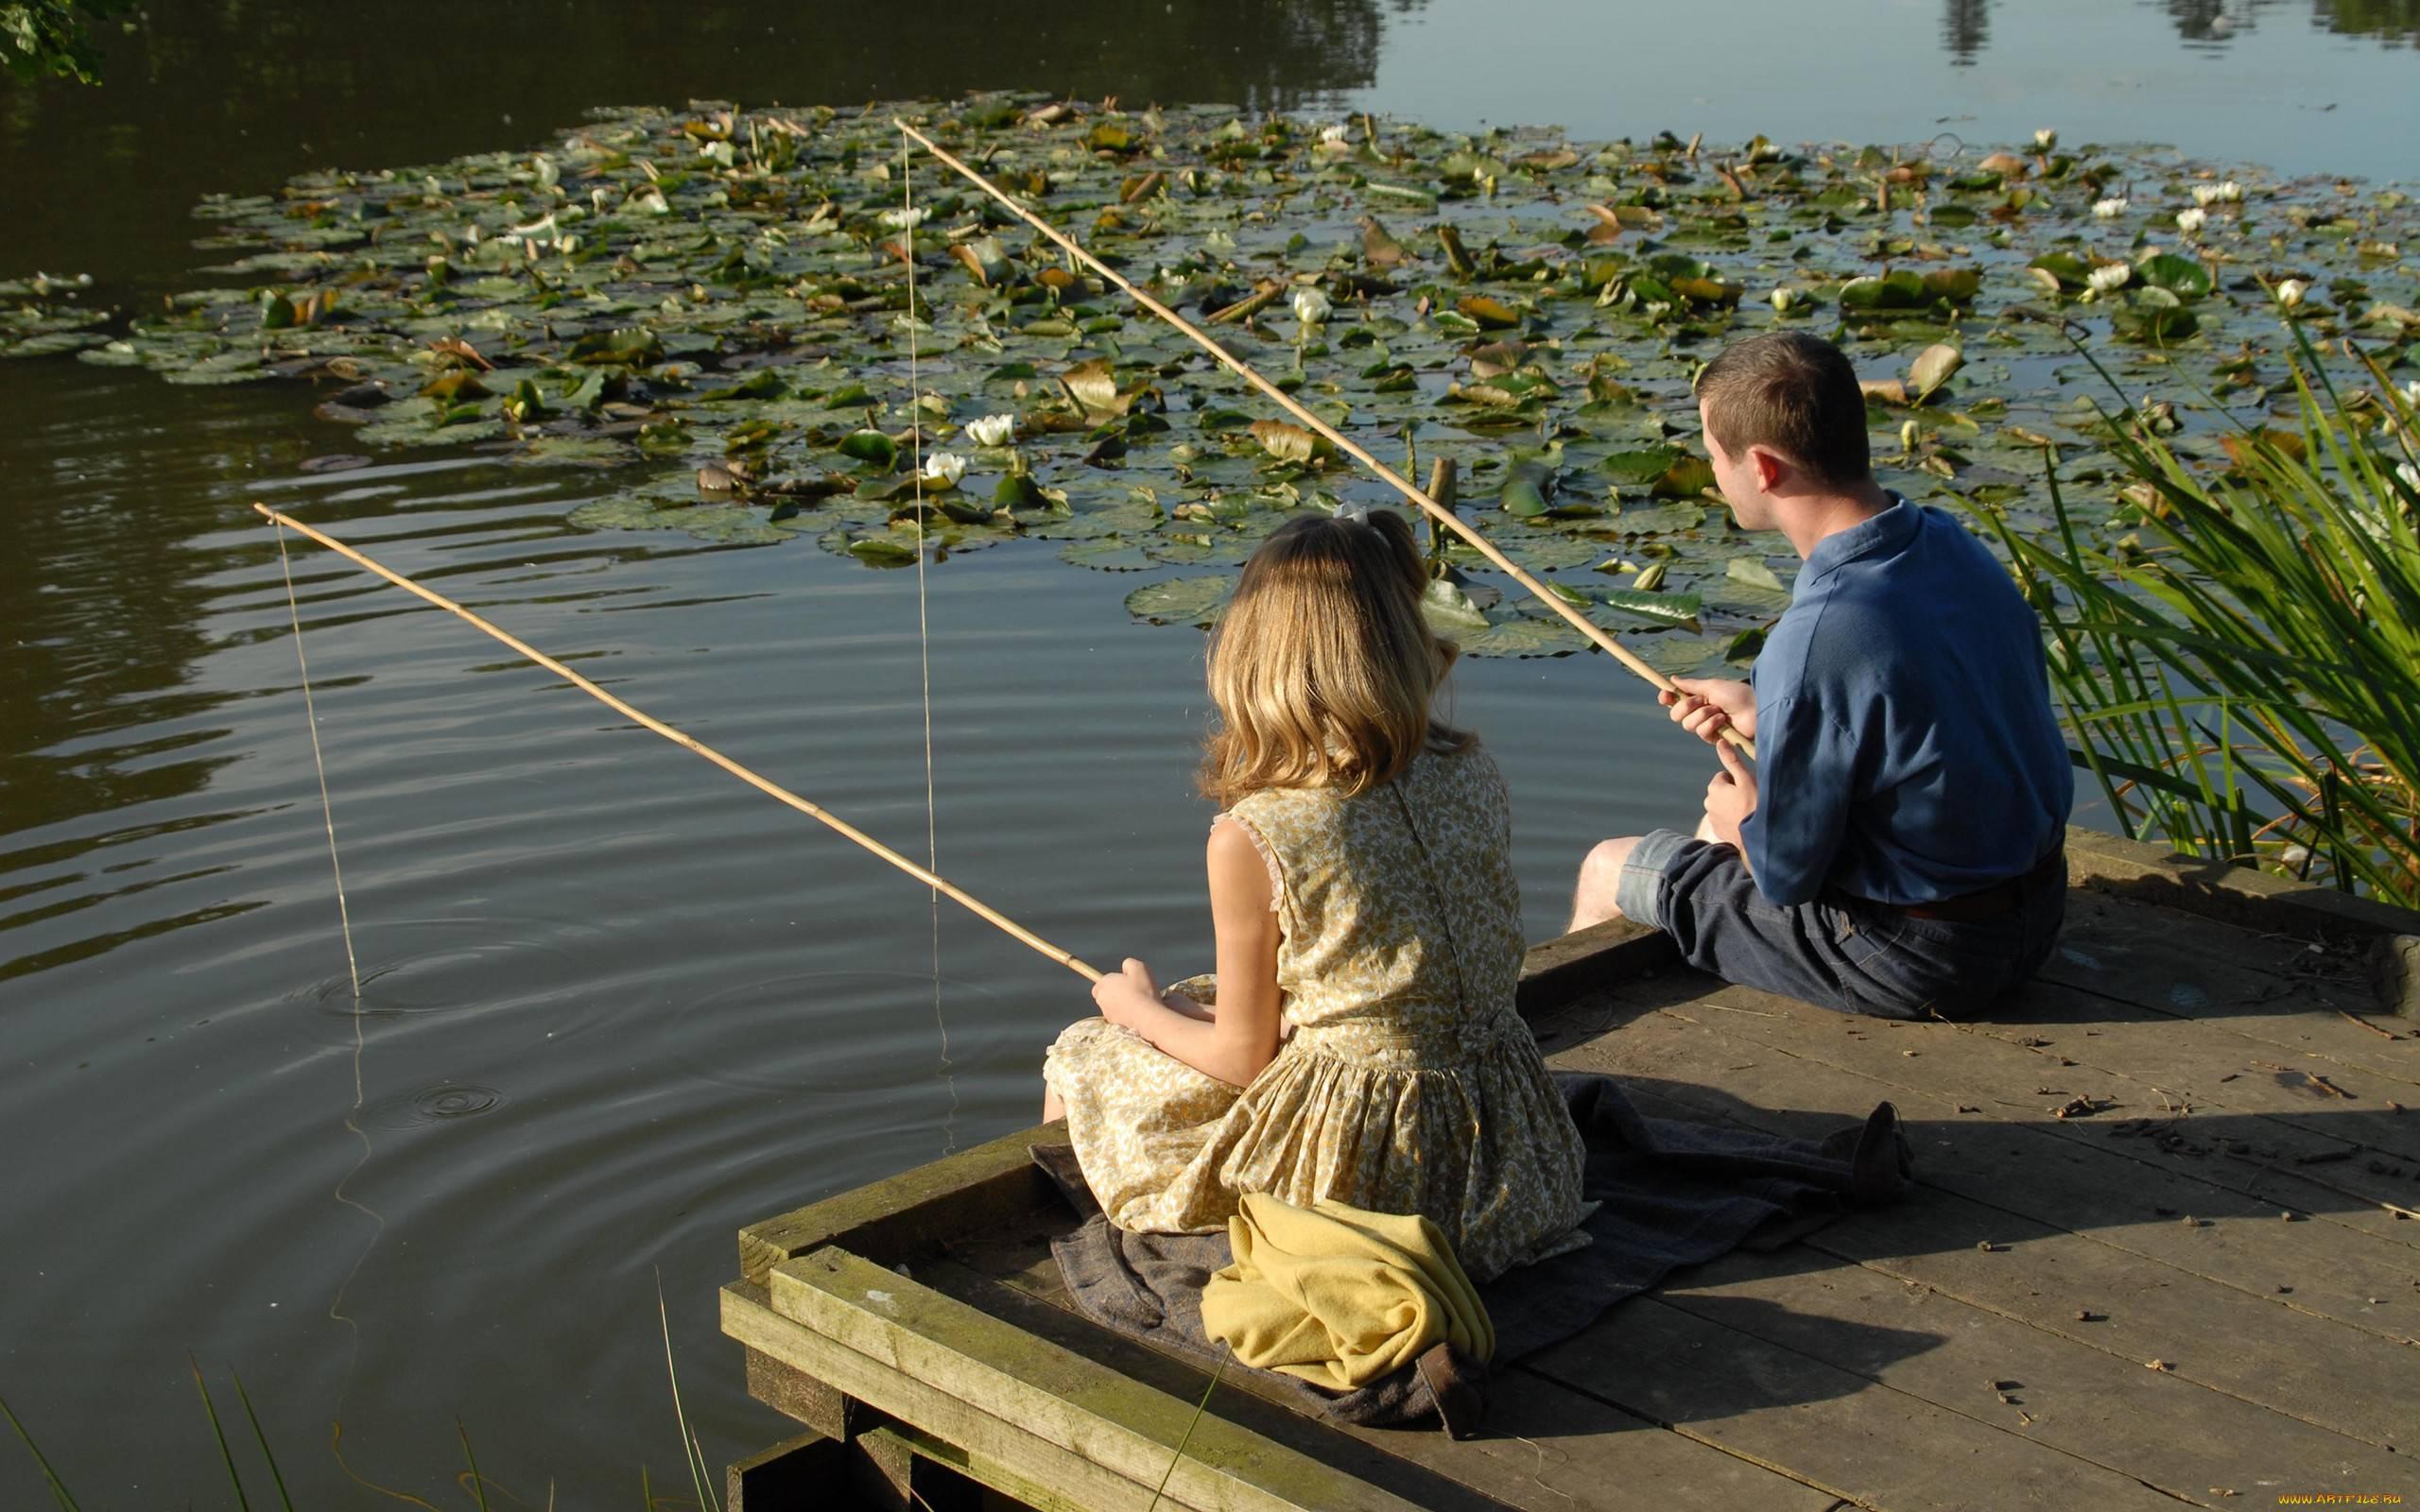 Сонник ловить рыбу, к чему снится ловить рыбу женщине на удочку или руками